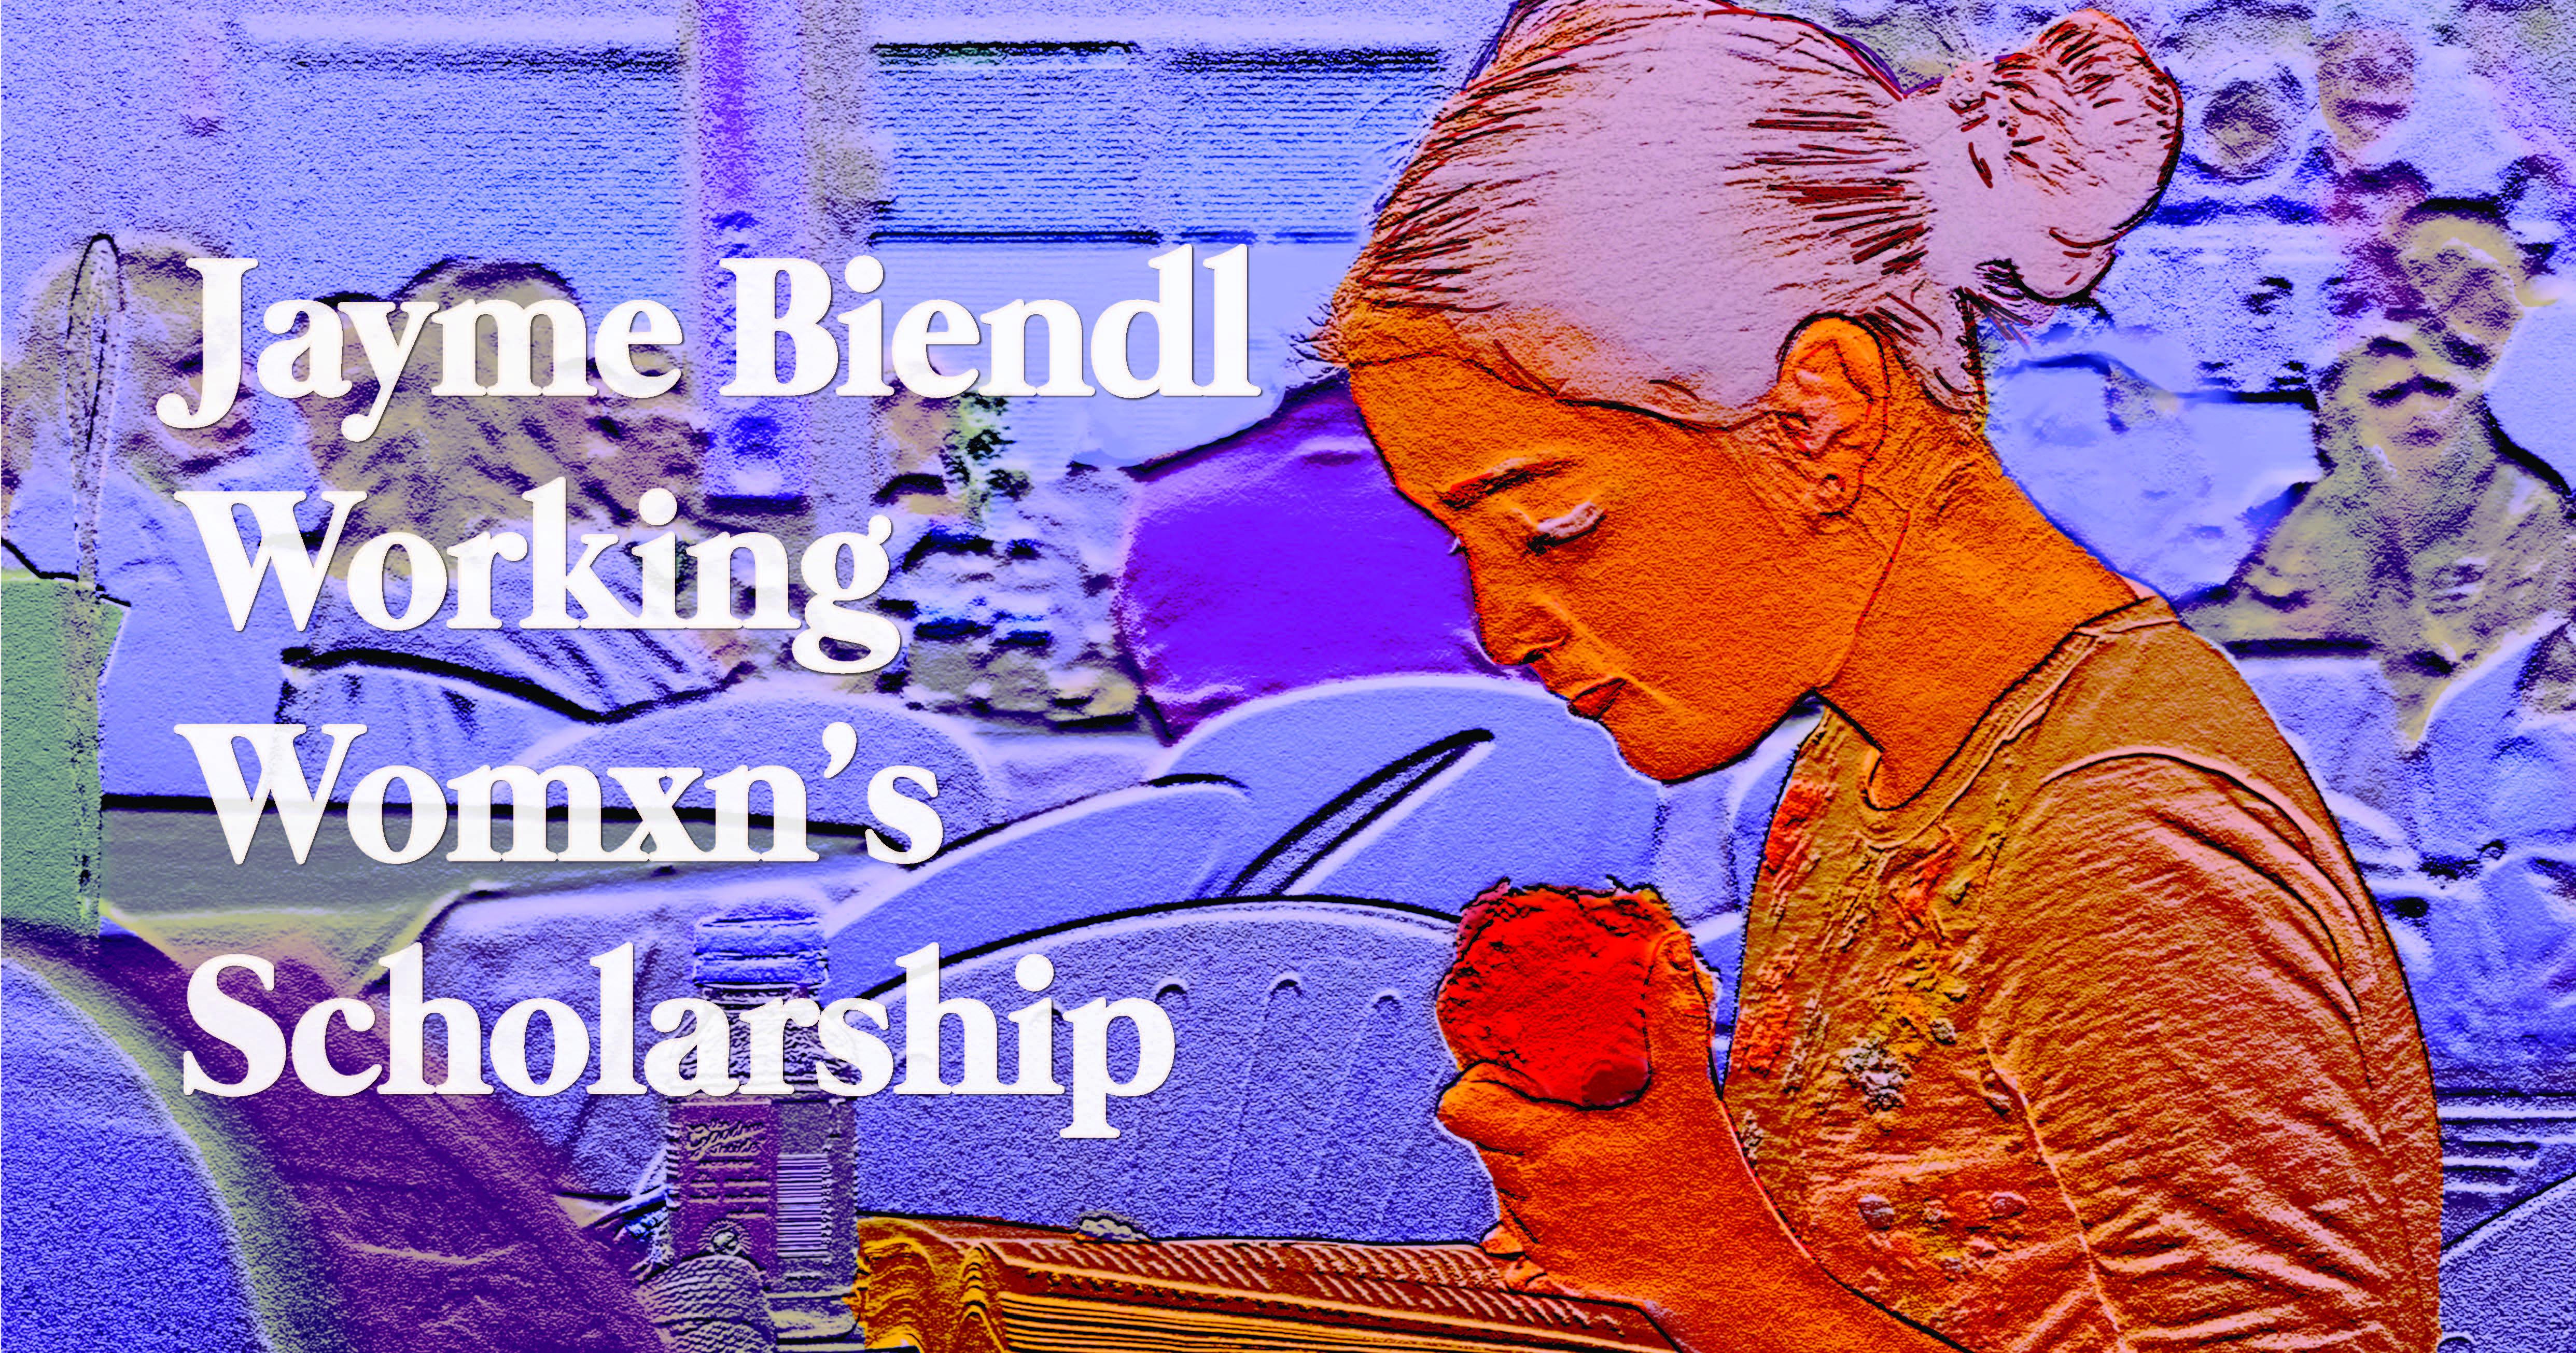 Biendl_banner.jpg